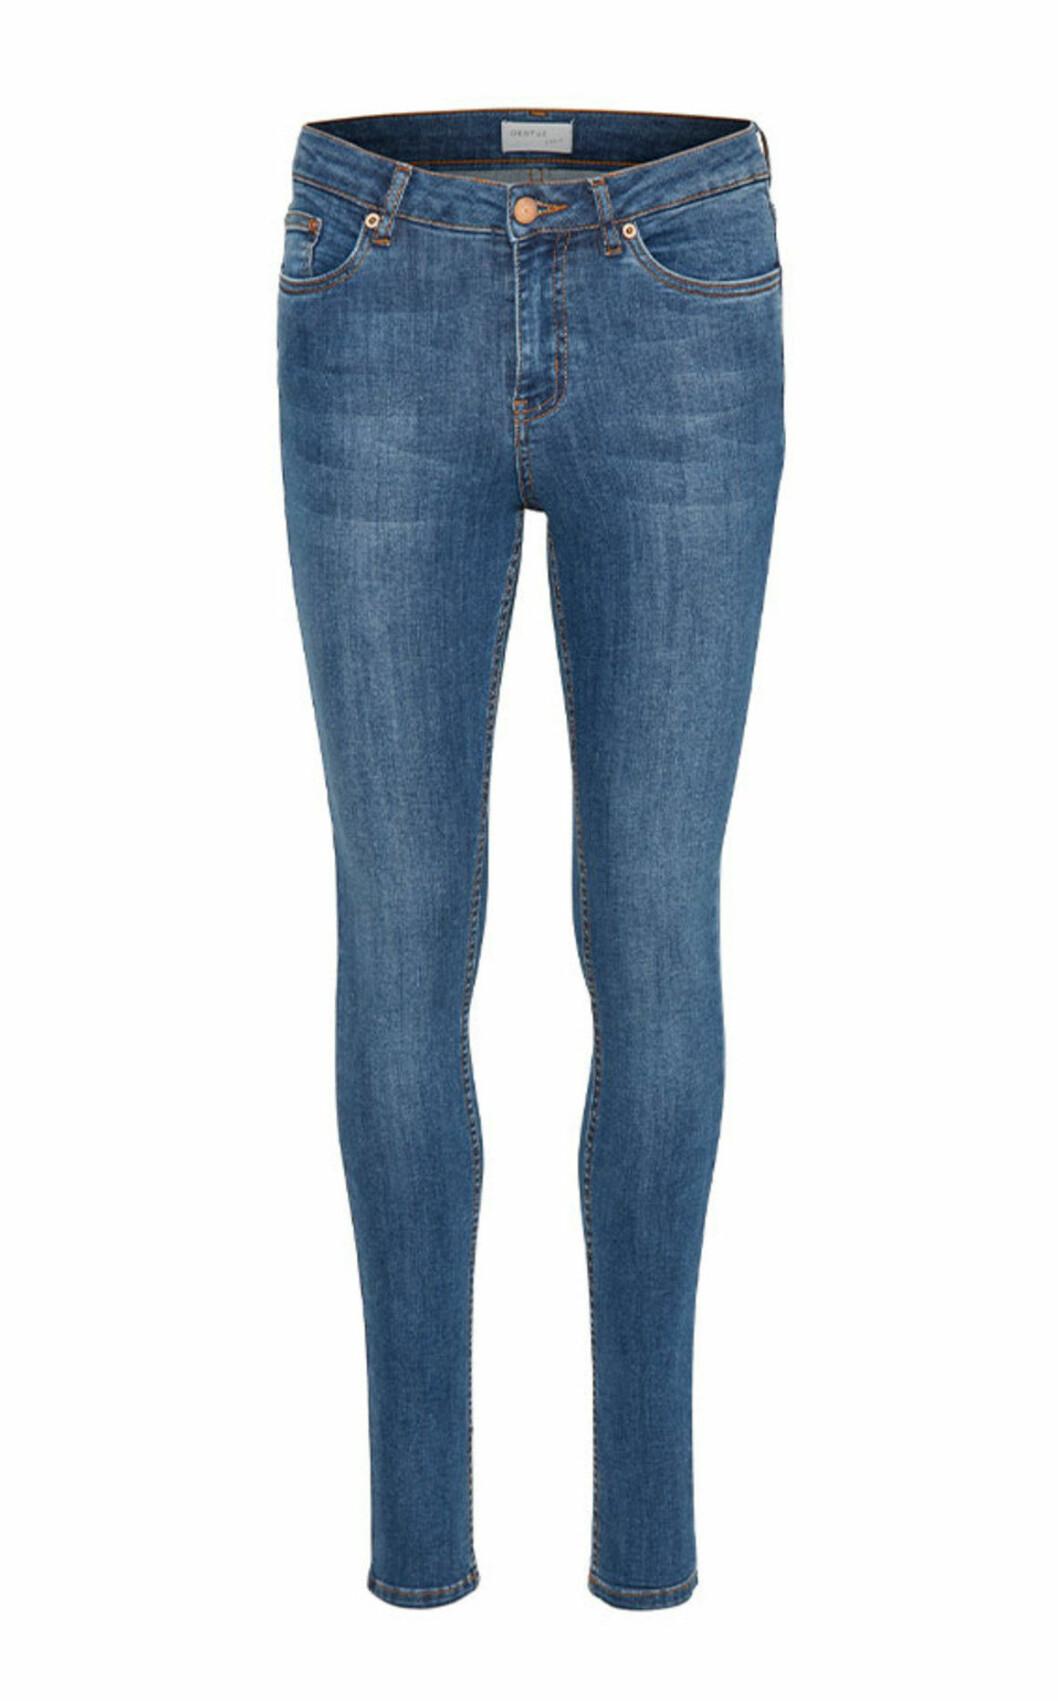 Jeans för dam till våren 2019 med smala ben